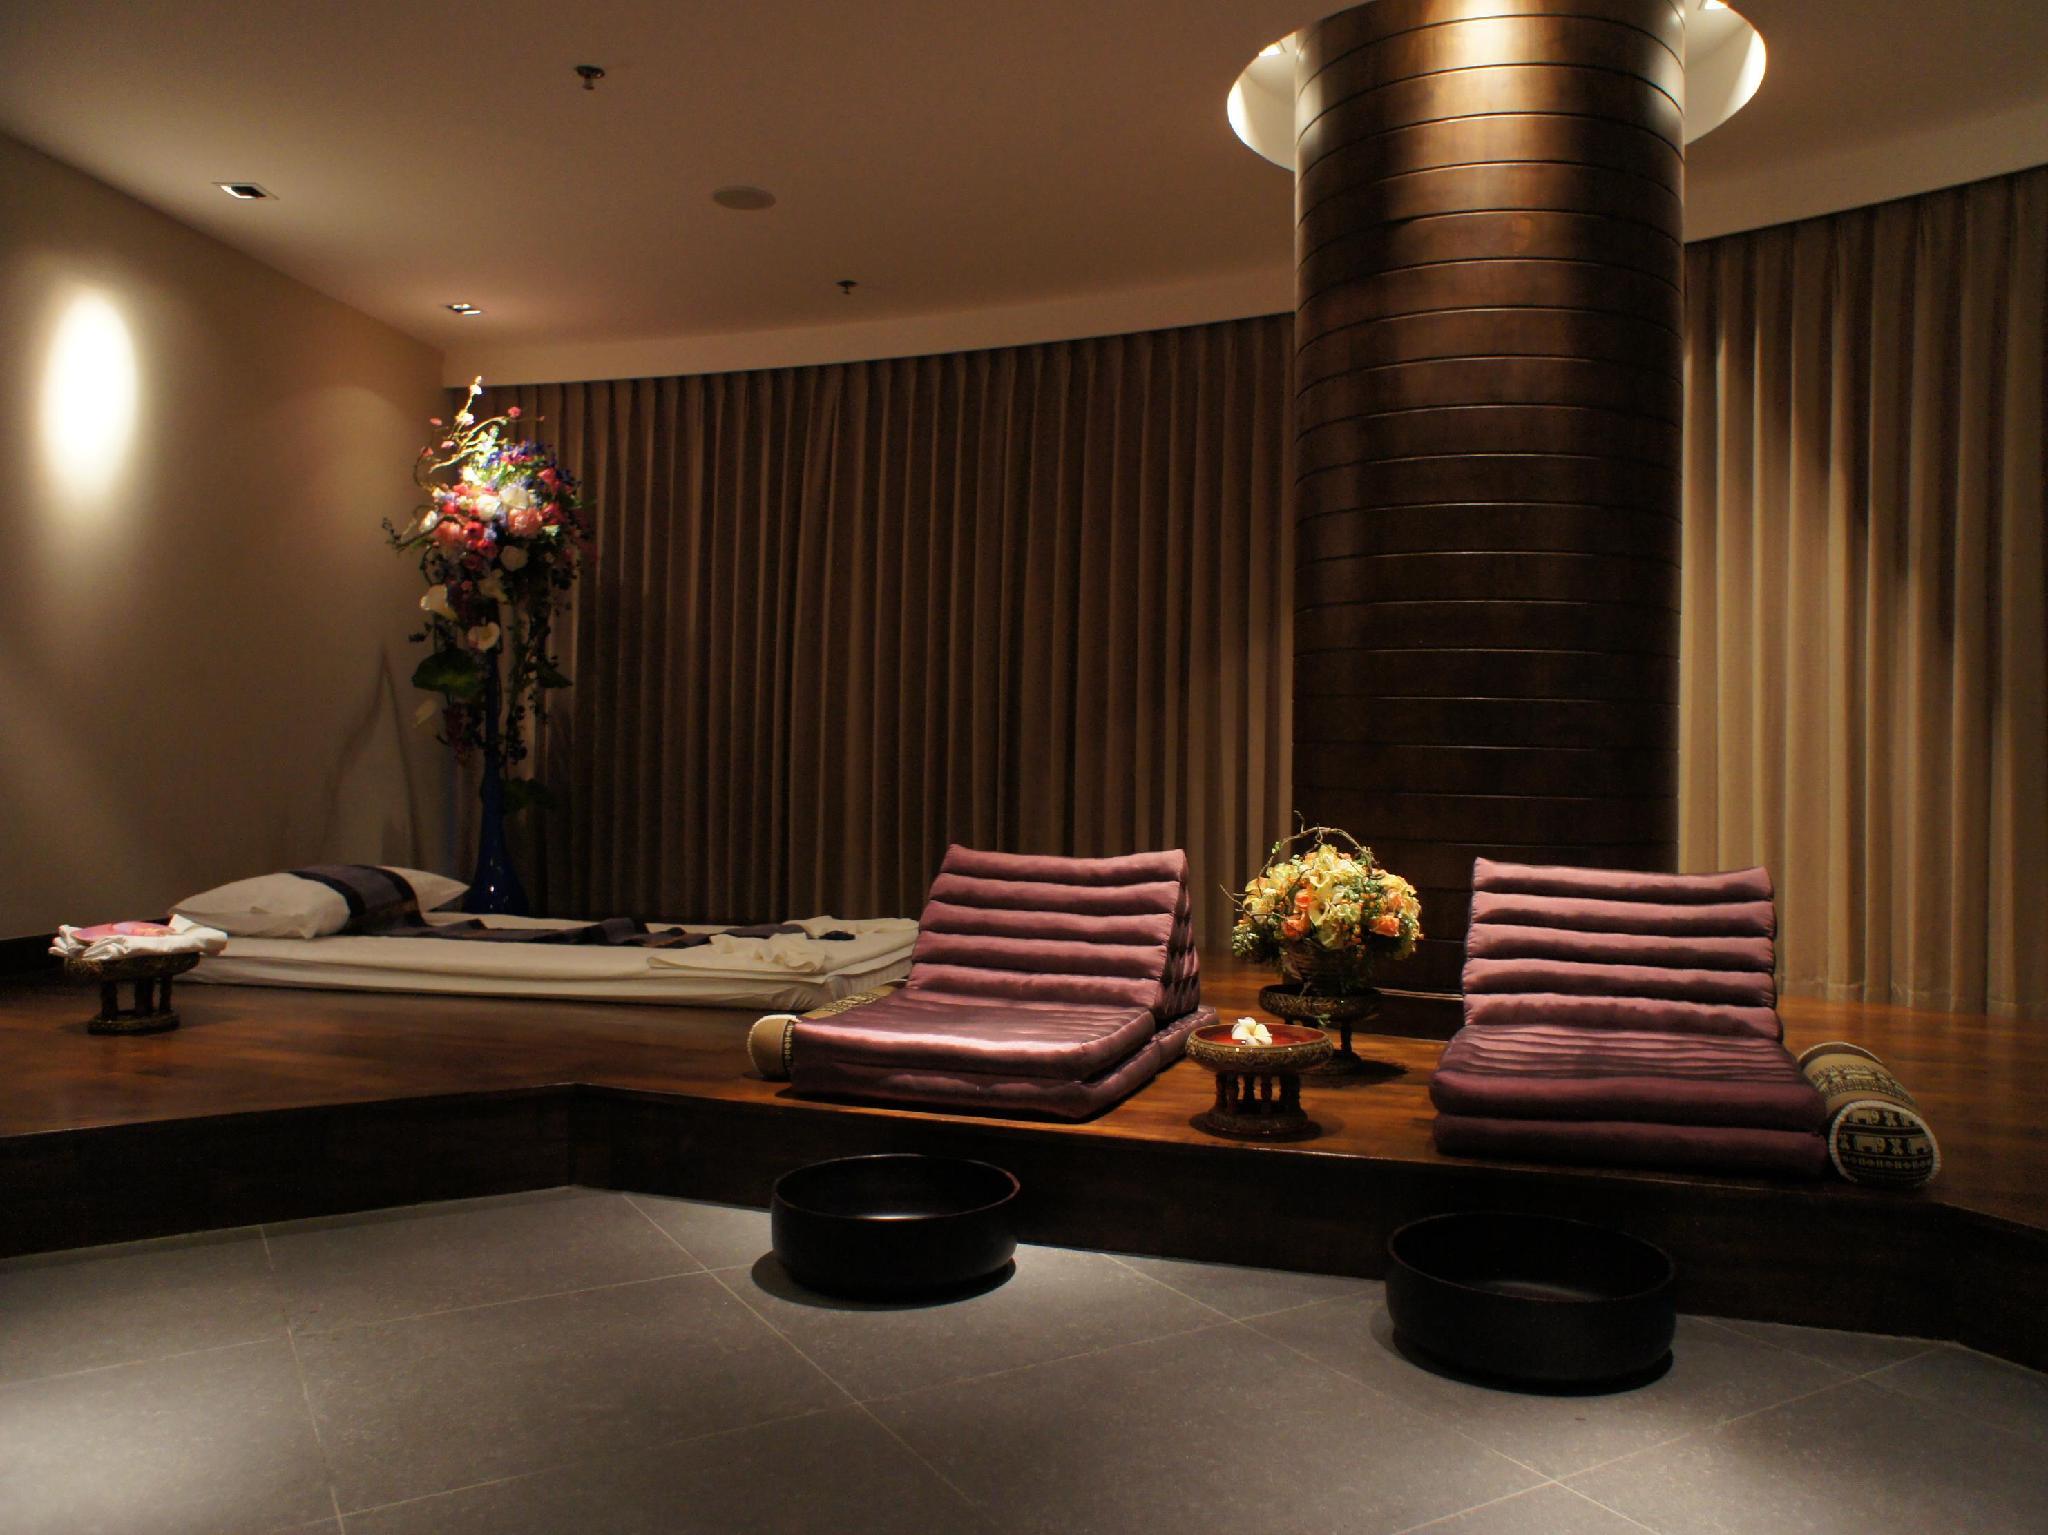 โรงแรม เอส 31 สุุขุมวิท